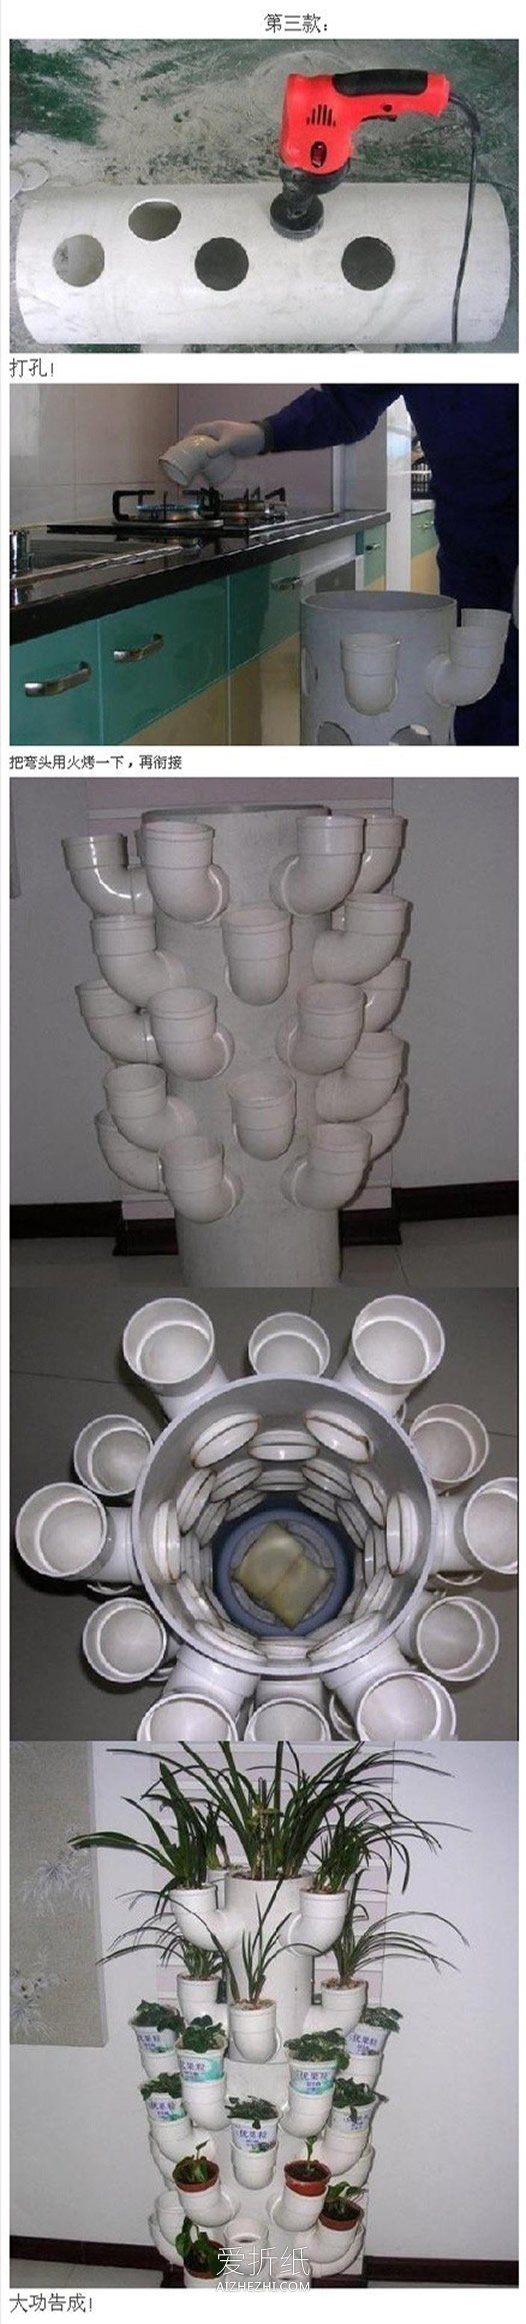 用PVC管在阳台种蔬菜的方法- www.aizhezhi.com